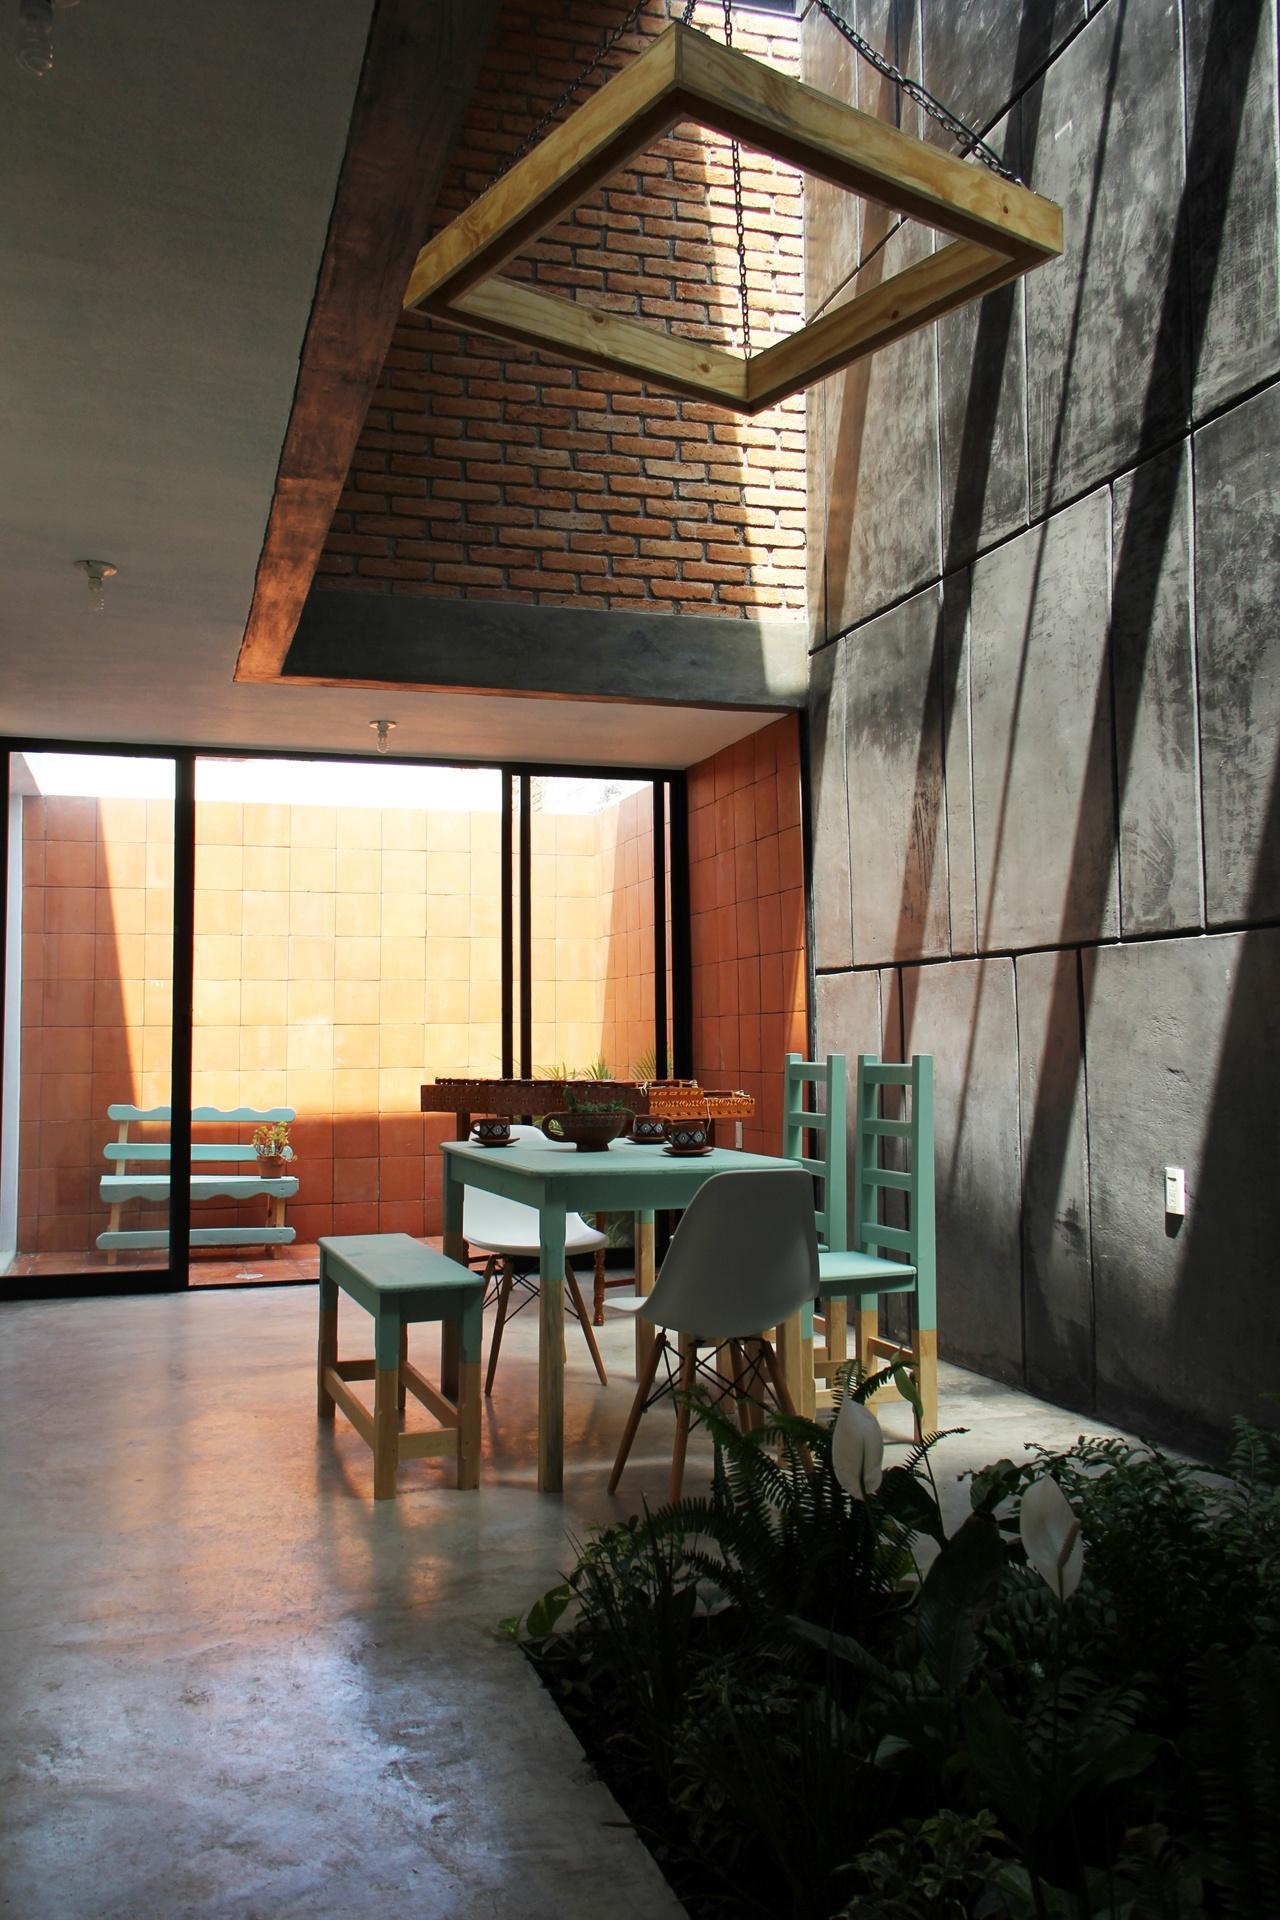 Durante os dias de sol, a luz natural invade a casa Tadeo através das aberturas zenitais (no teto). Neste ponto da estrutura, o pé-direito é duplo e favorece a regulação da temperatura por convecção. O projeto desta residência mexicana fica em Chiapas e é assinado pelo escritório Apaloosa Arquitectos